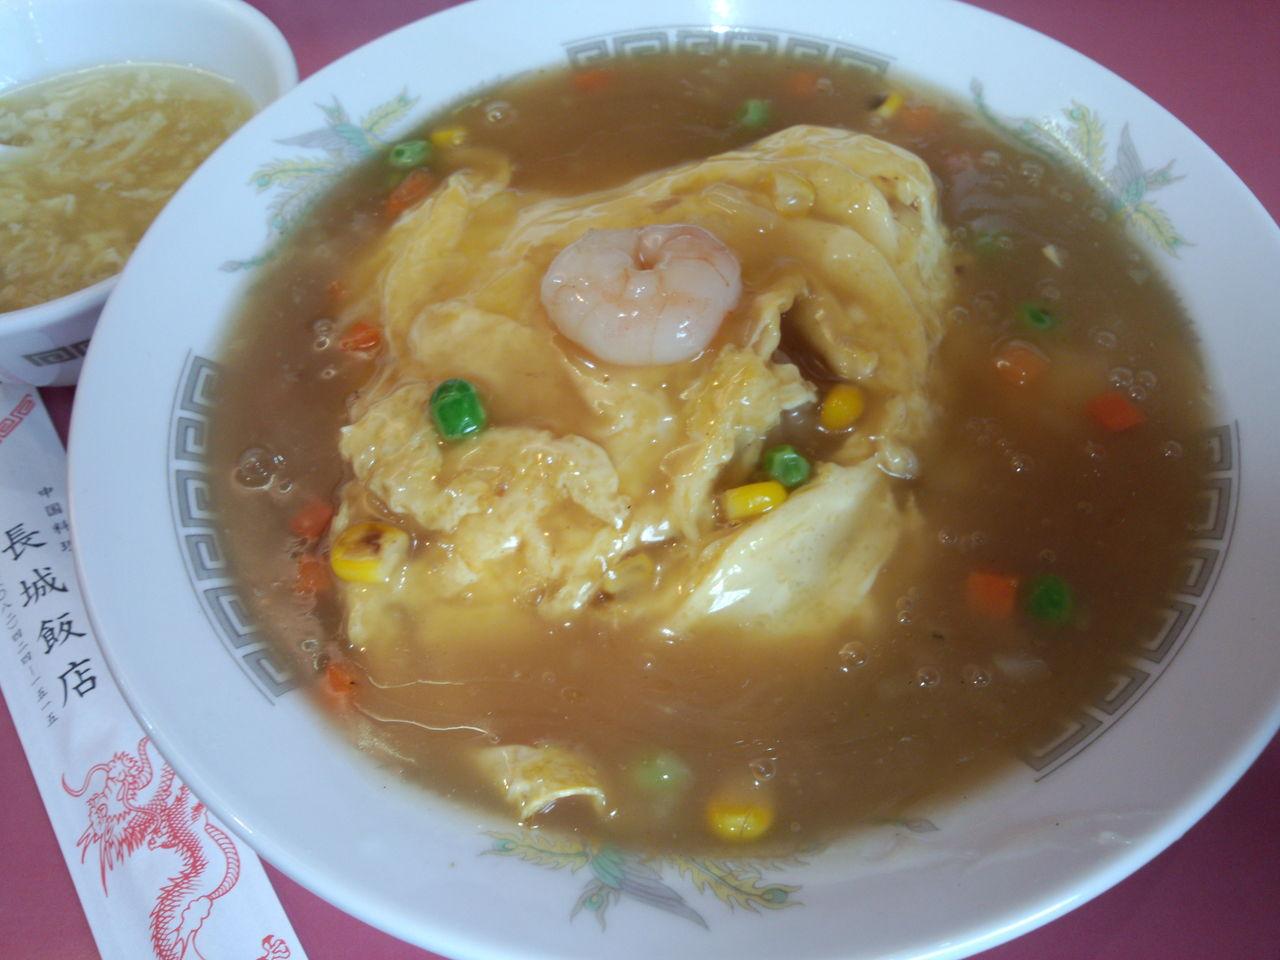 天津飯の画像 p1_34